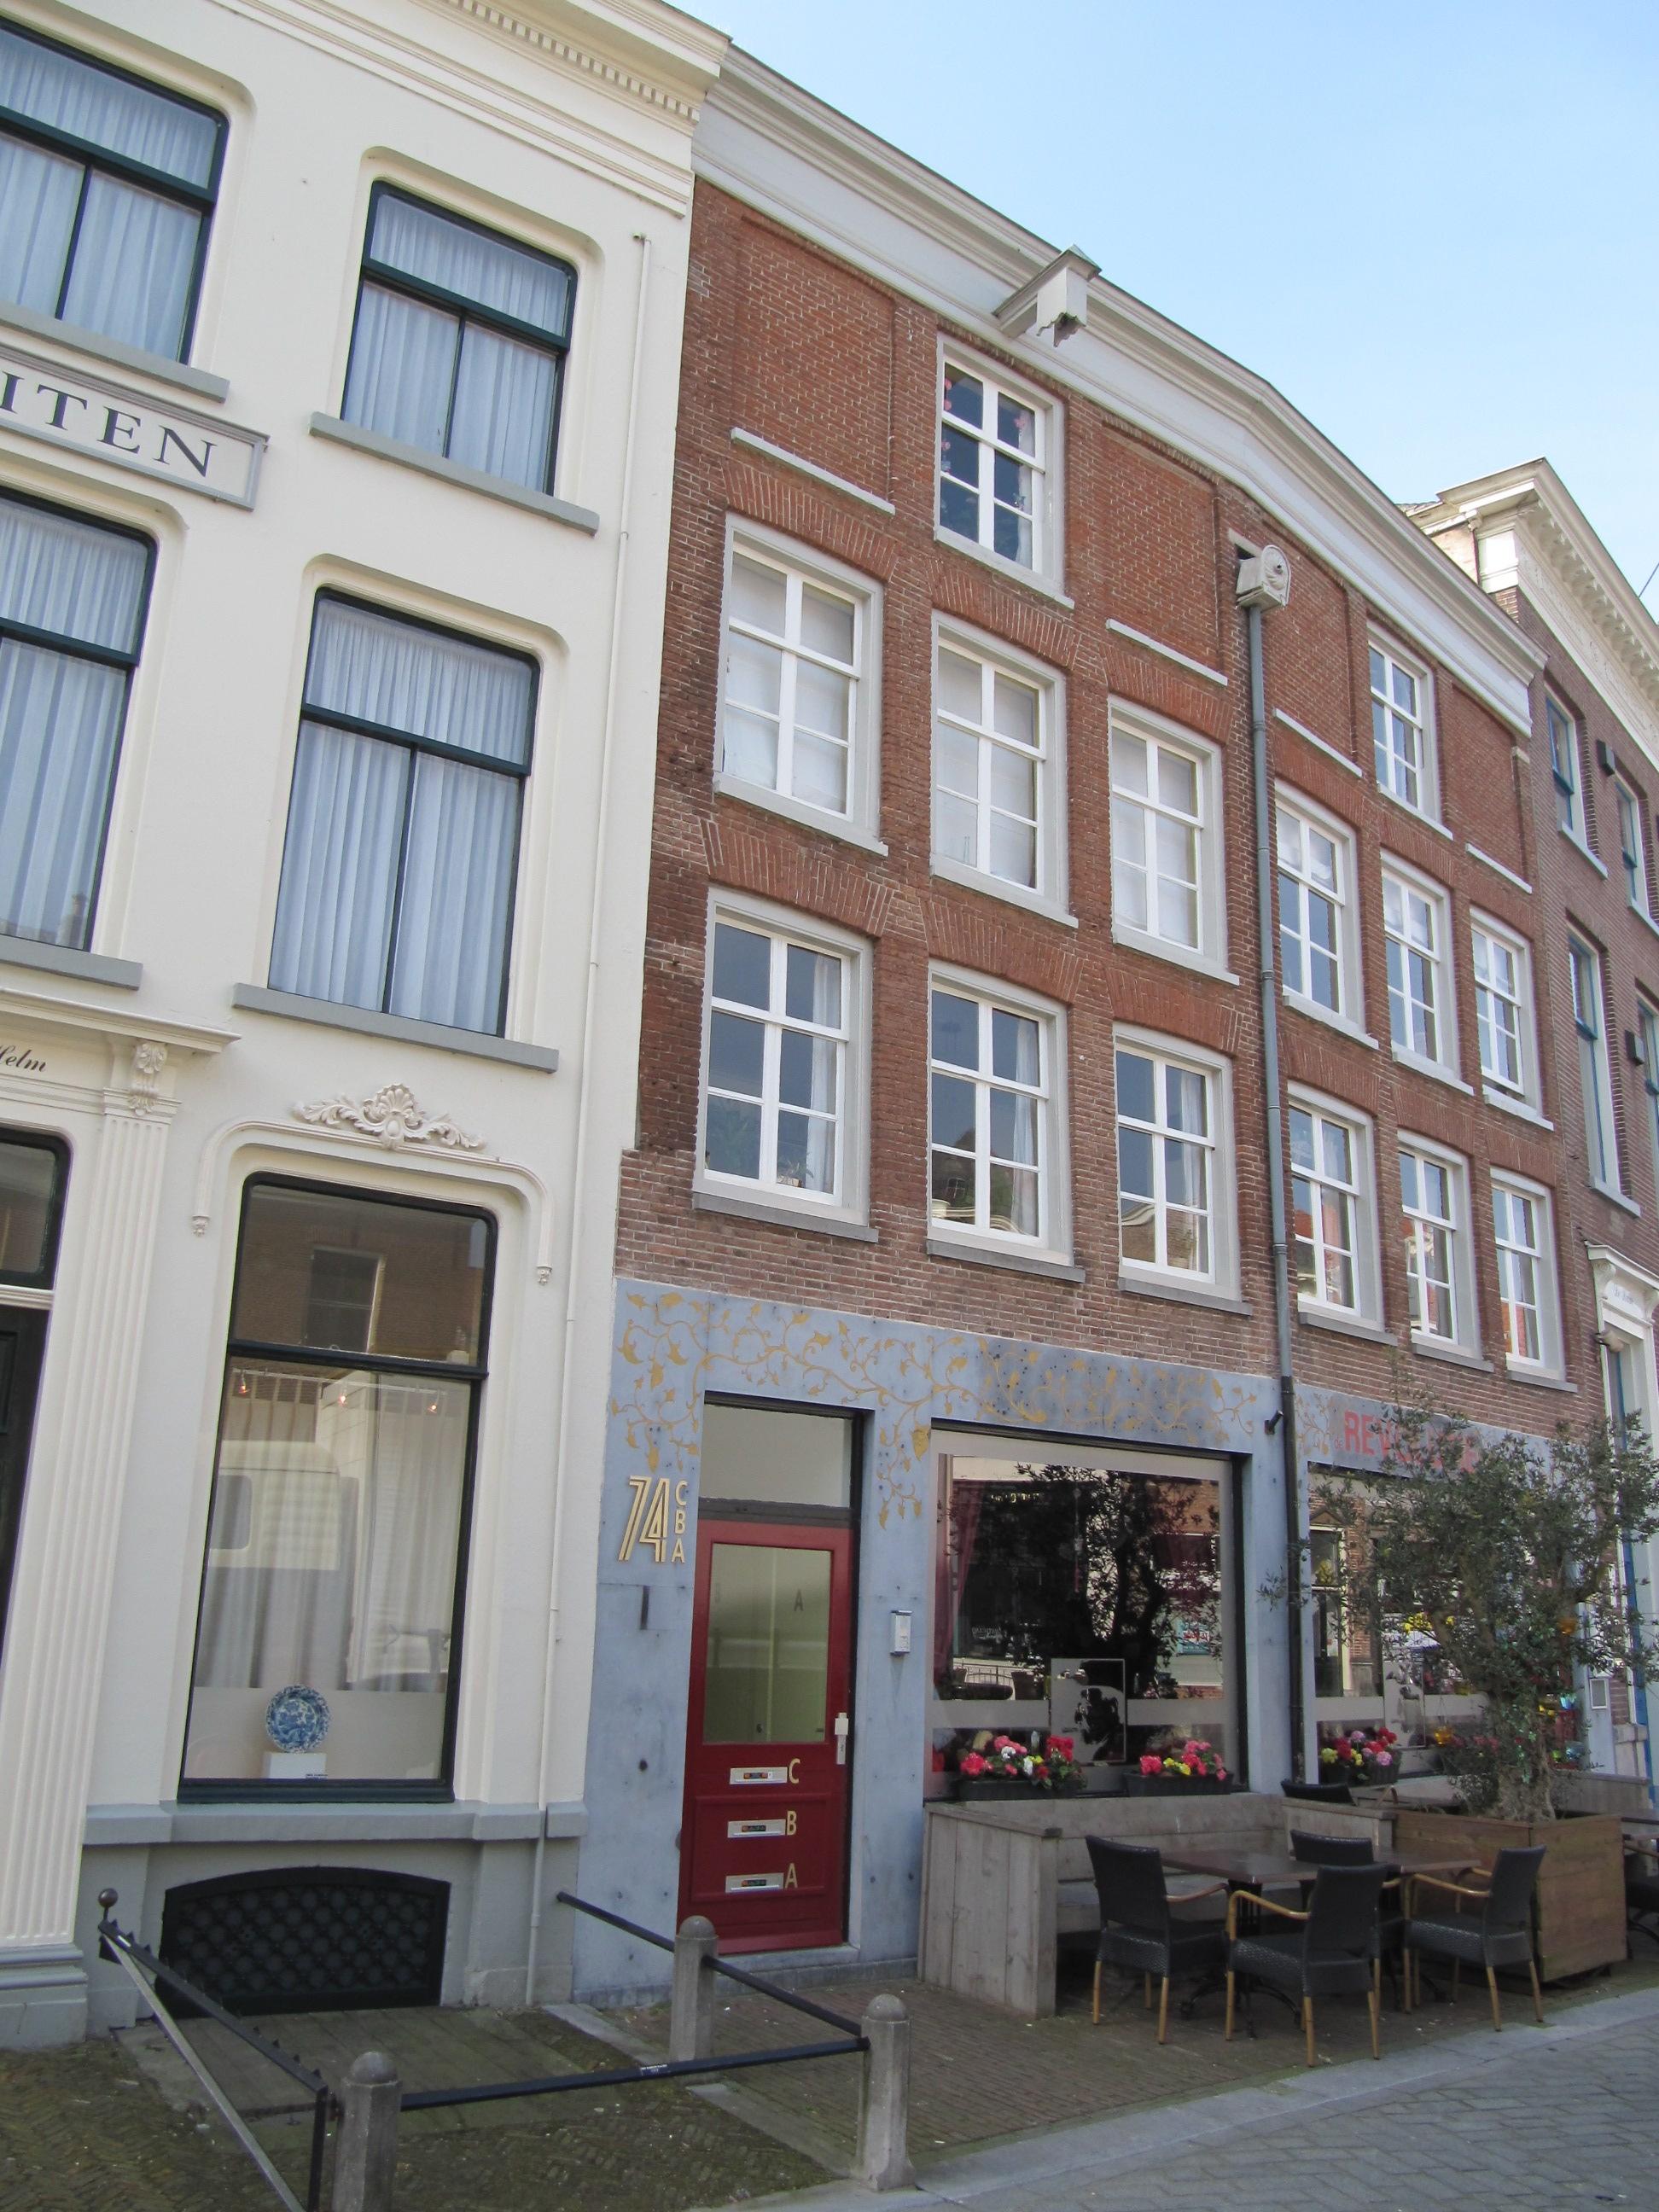 Twee tot een pand samengetrokken huizen met gevels rood gesausd onder rechte lijsten in - Gevels van hedendaagse huizen ...